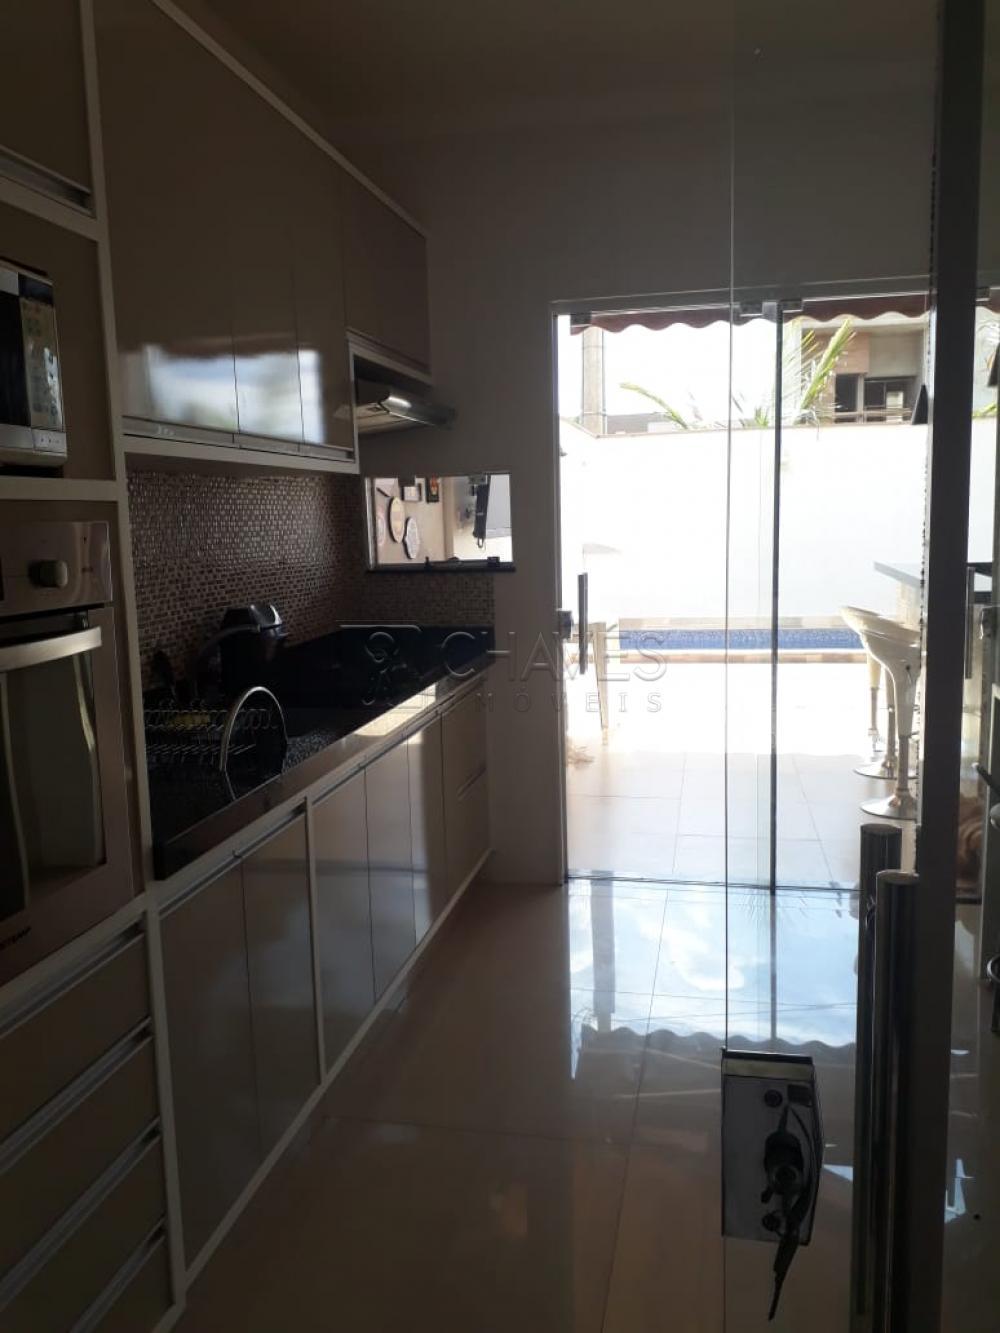 Comprar Casa / Condomínio em Ribeirão Preto apenas R$ 730.000,00 - Foto 21